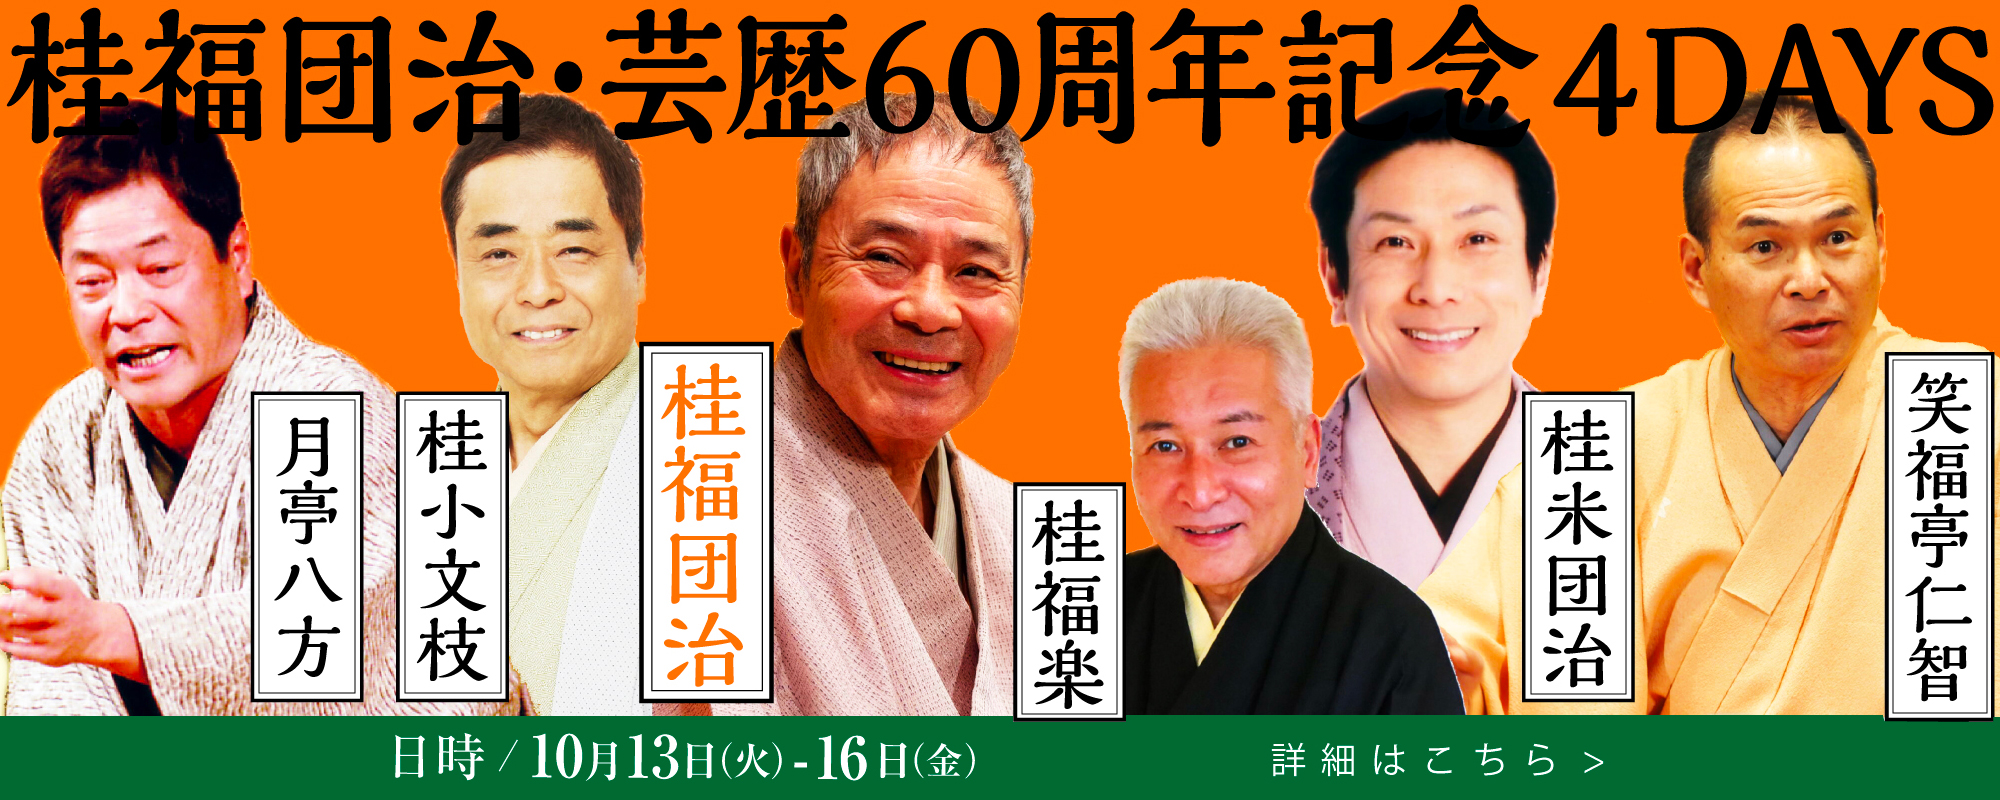 桂福団治・芸歴60周年記念4DAYS 10月13日(火)~16日(金)